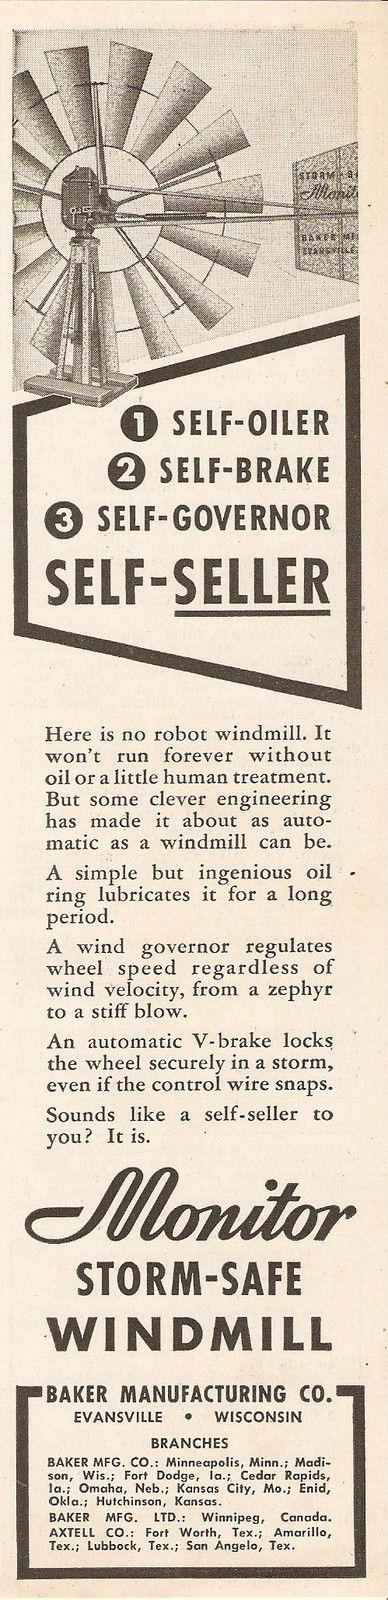 1947 Monitor Storm Safe Windmill Ad Baker Mfg Evansville Wi Wisconsin Evansville Wisconsin Windmill